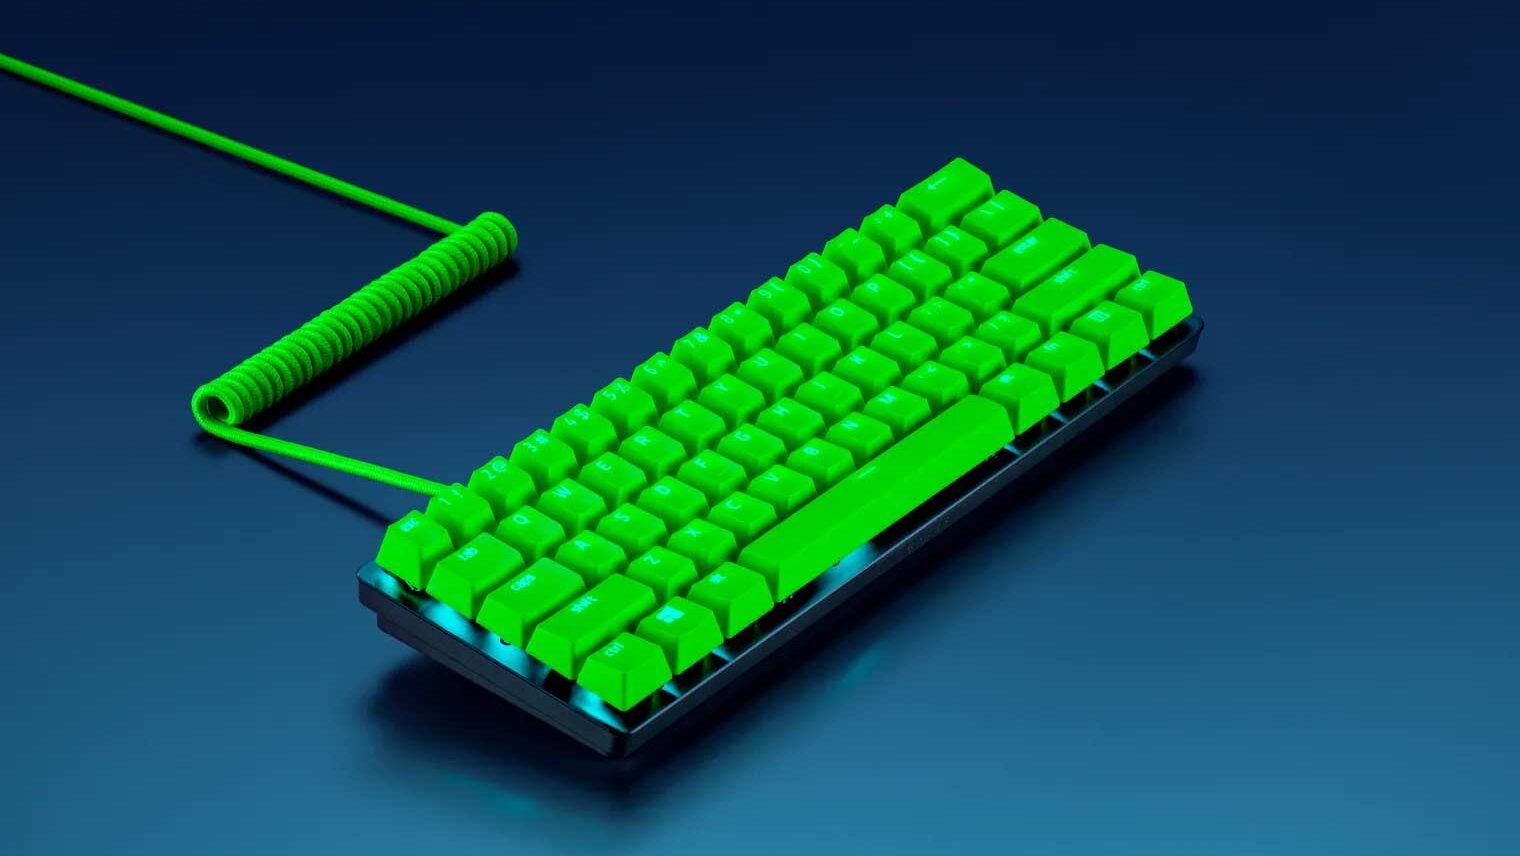 کیبوردهای مکانیکی ریزر با کلیدهای سبز فسفری و کابل اتصال فنری